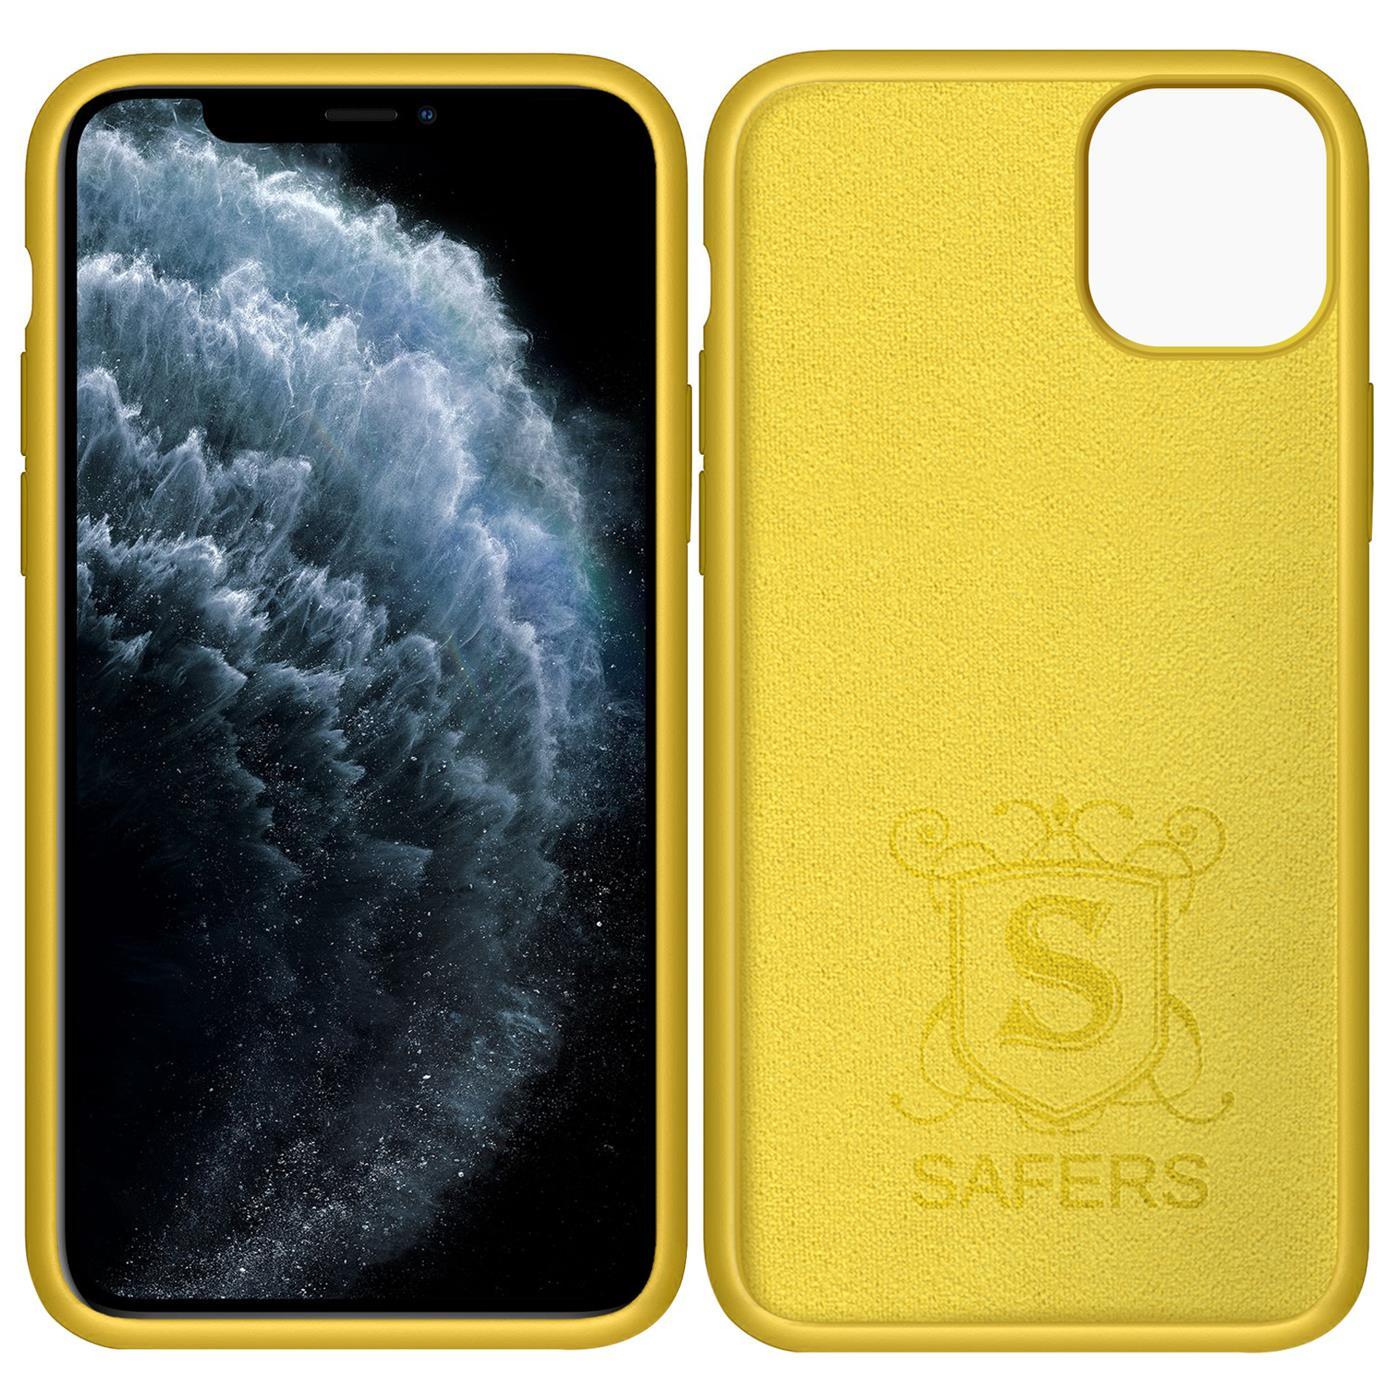 Silikon-Huelle-Schutzhuelle-Handy-Tasche-Handyhuelle-Slim-Case-Cover-Duenn-matt-Etui Indexbild 31